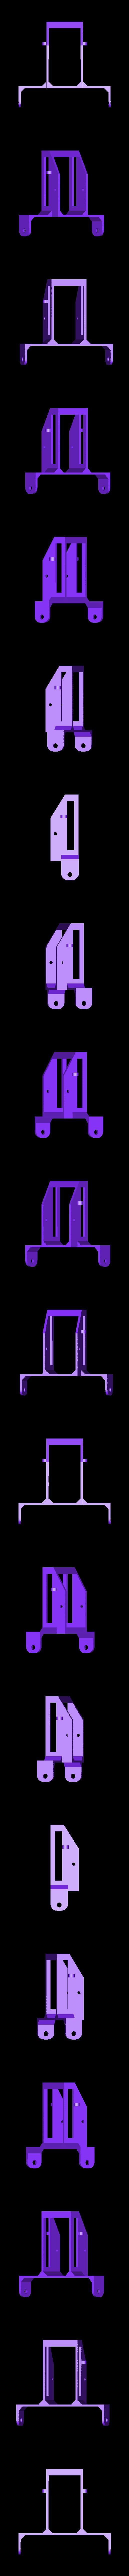 MK2_more_protected.stl Télécharger fichier STL gratuit Support de caméra Tiny Whoop - MK2 (style E010) • Design imprimable en 3D, Gophy